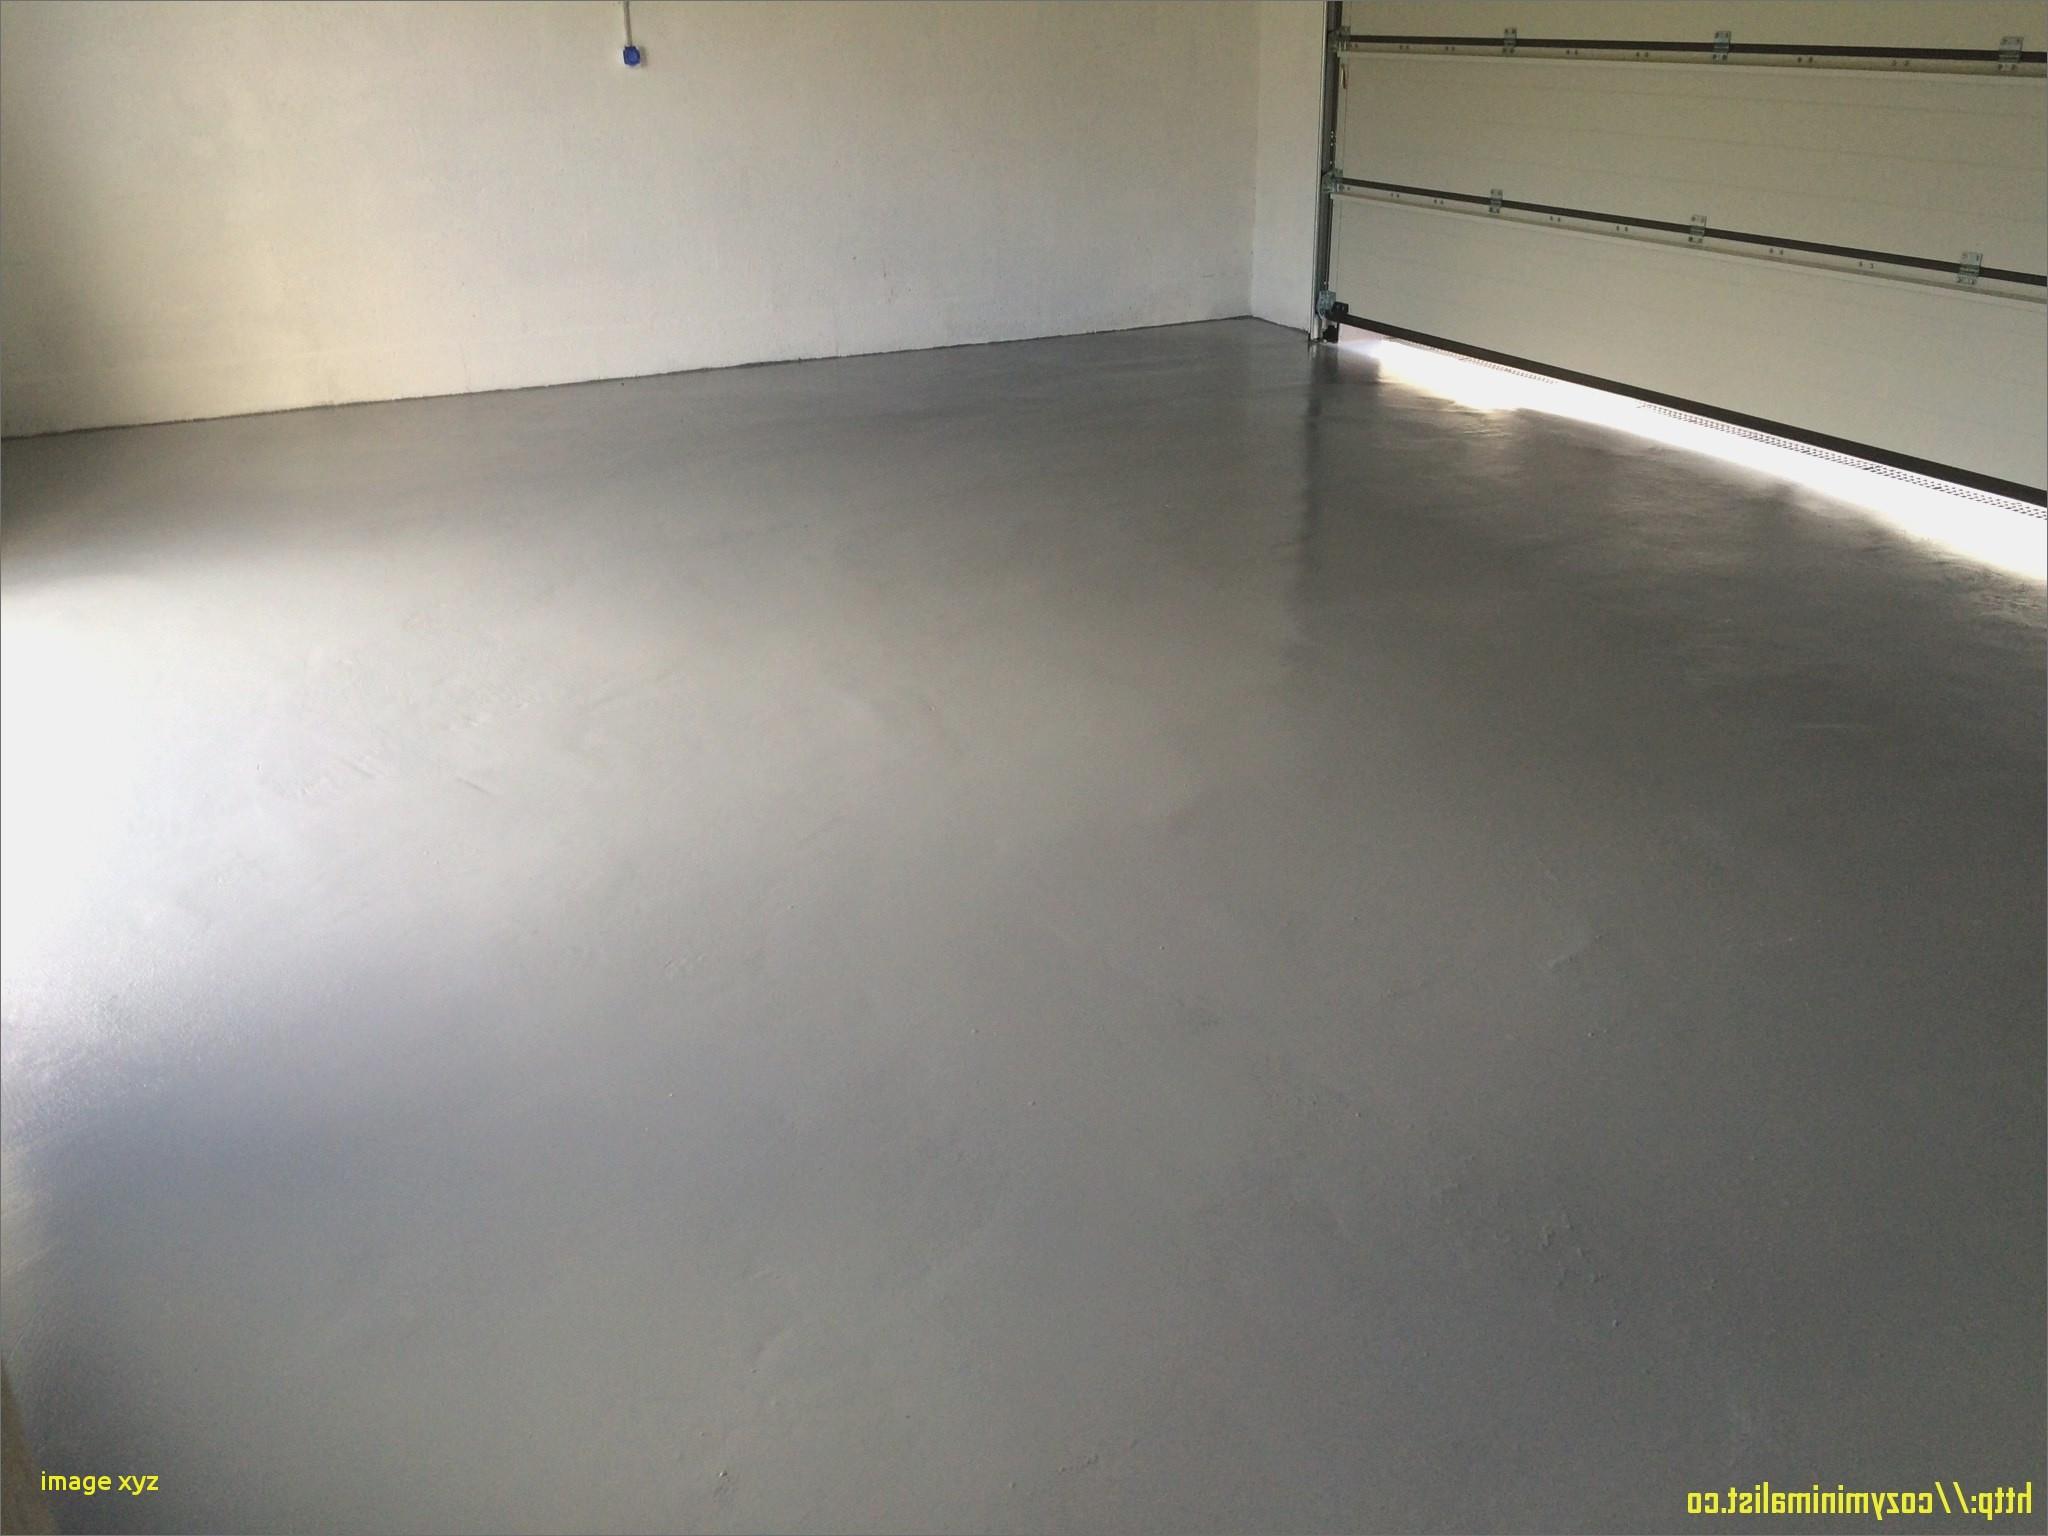 Acheter Peinture Baufix Frais Photos Peinture De sol Pour Garage Beau Peinture Pour sol Garage Avec